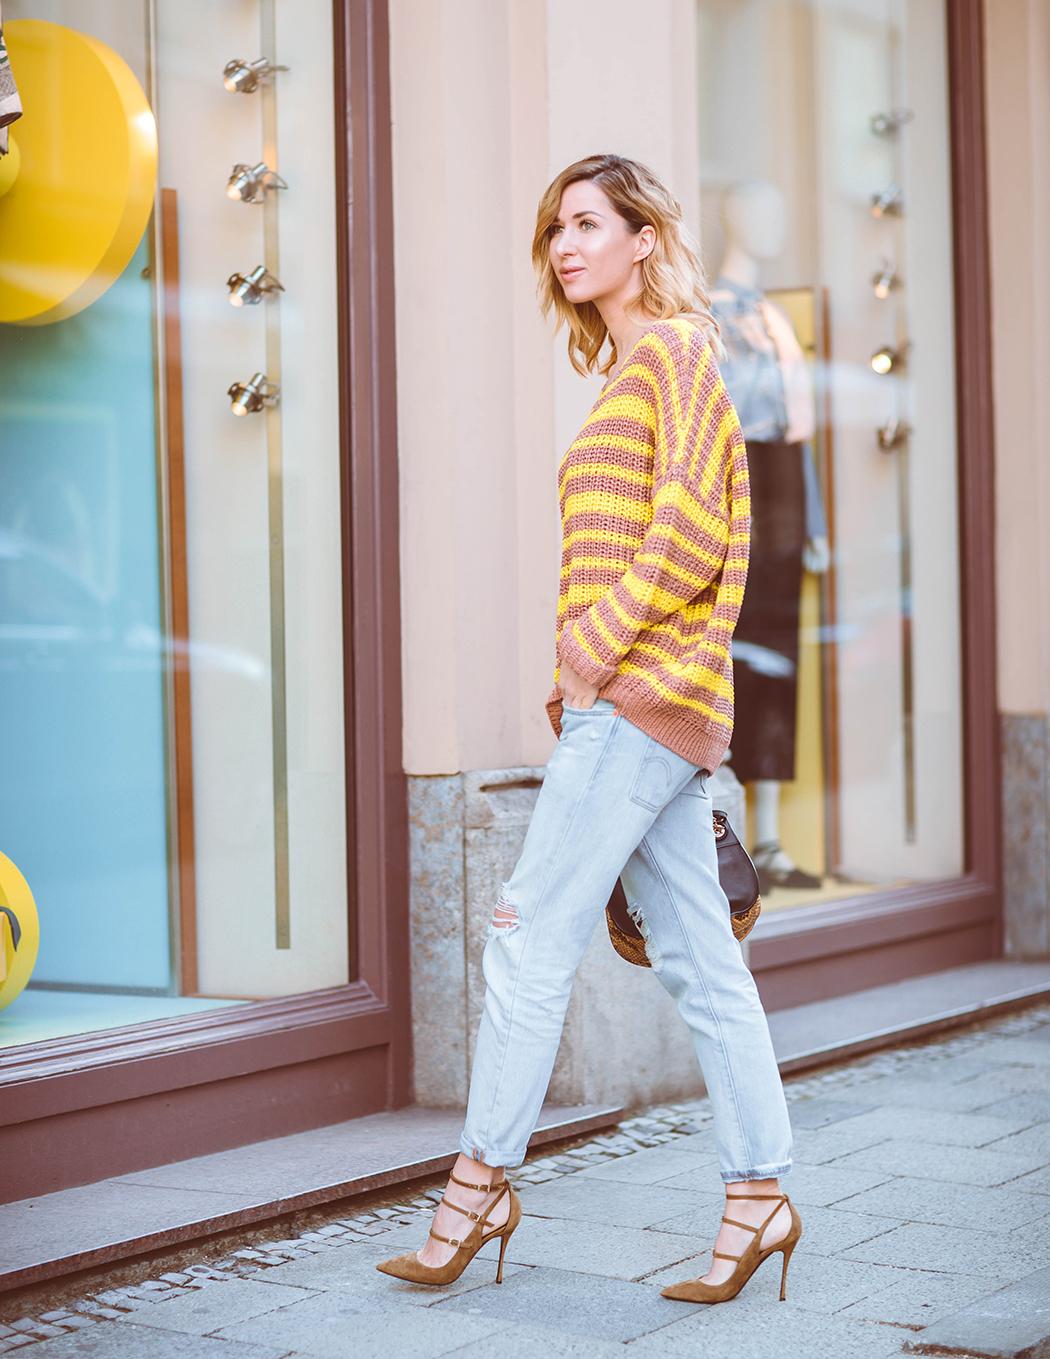 Fashionblog-Fashionblogger-Fashion-Blog-Blogger-Muenchen-Deutschland-American-Vintage-gelb-Lindarella-3-web